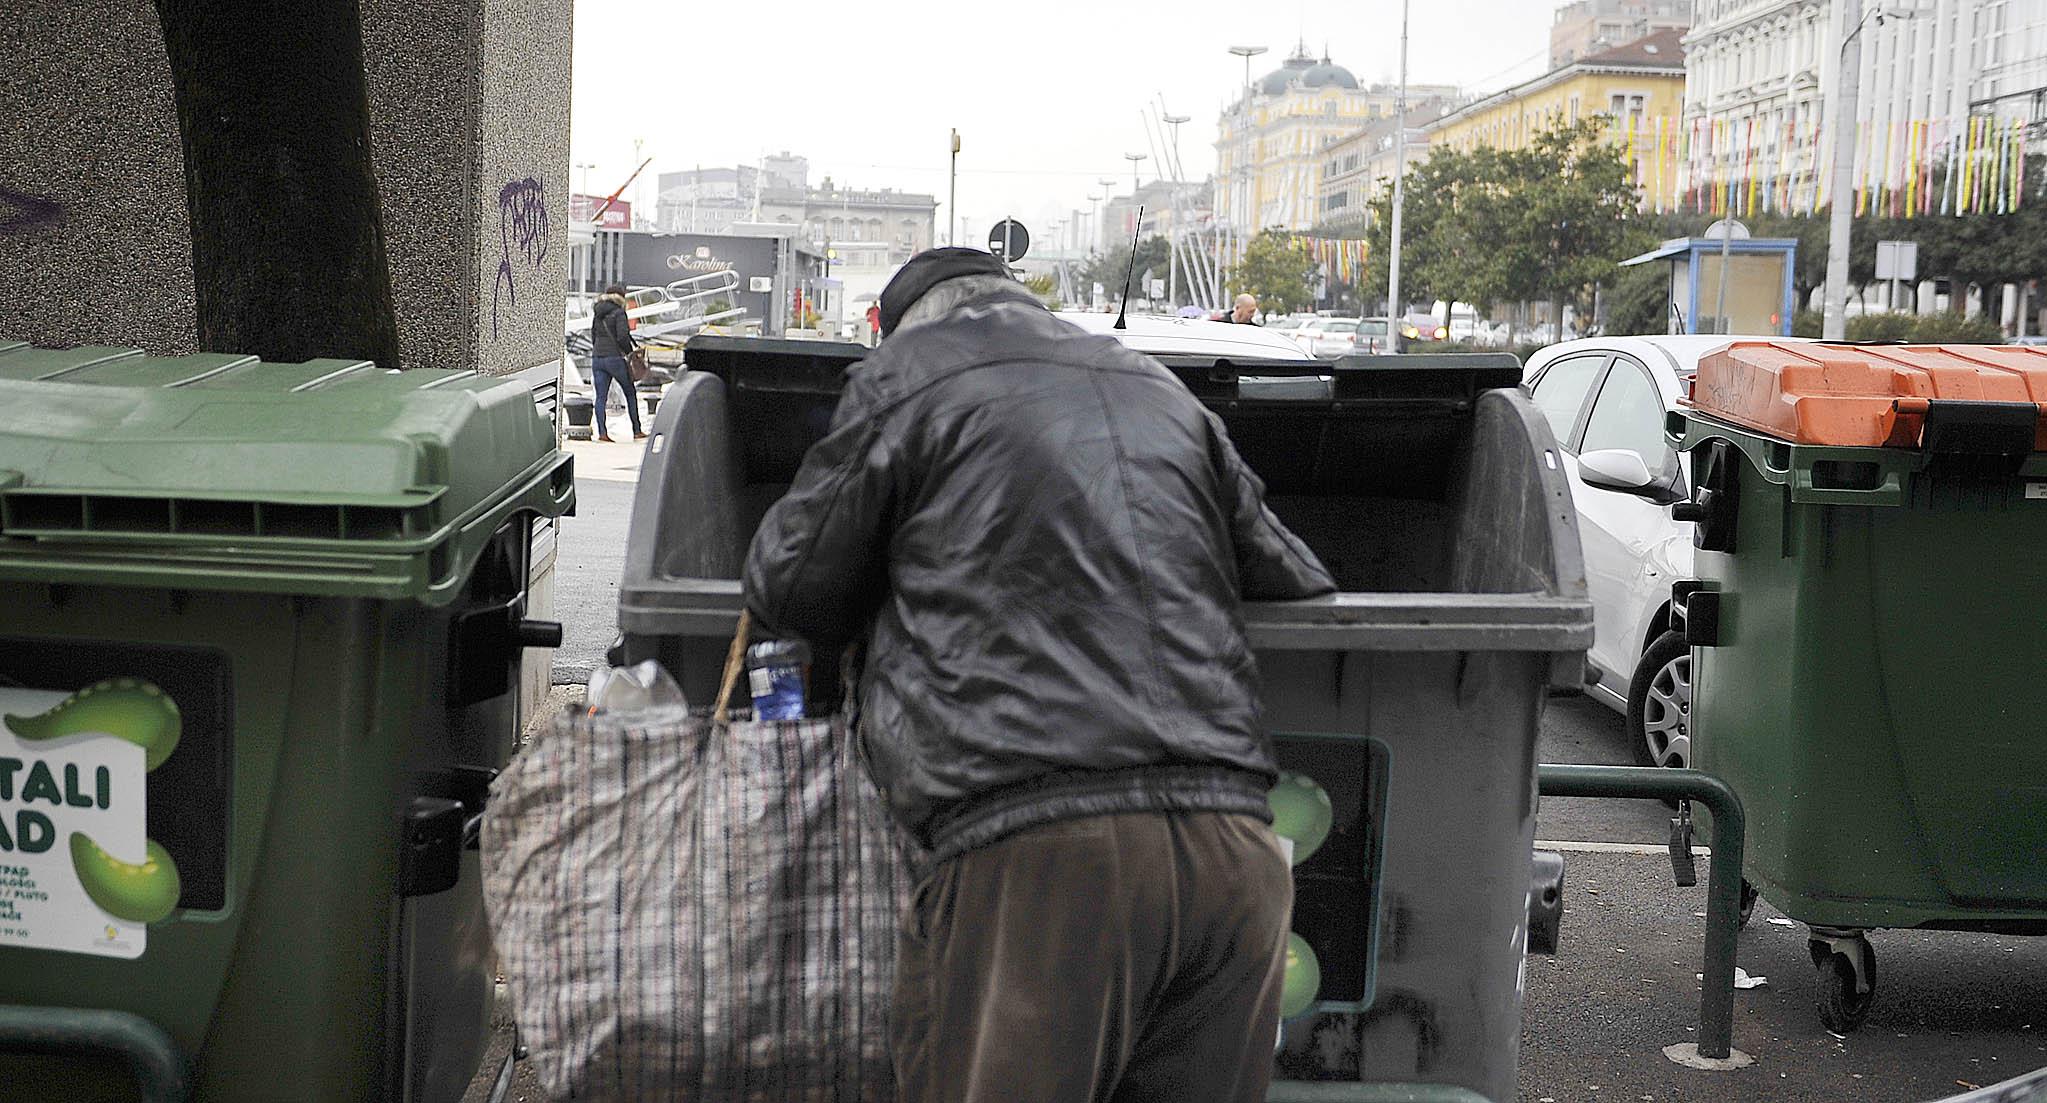 Prizor na gradskim ulicama koji više nije rijetkost / Foto Ivica TOMIĆ Arhiva NL